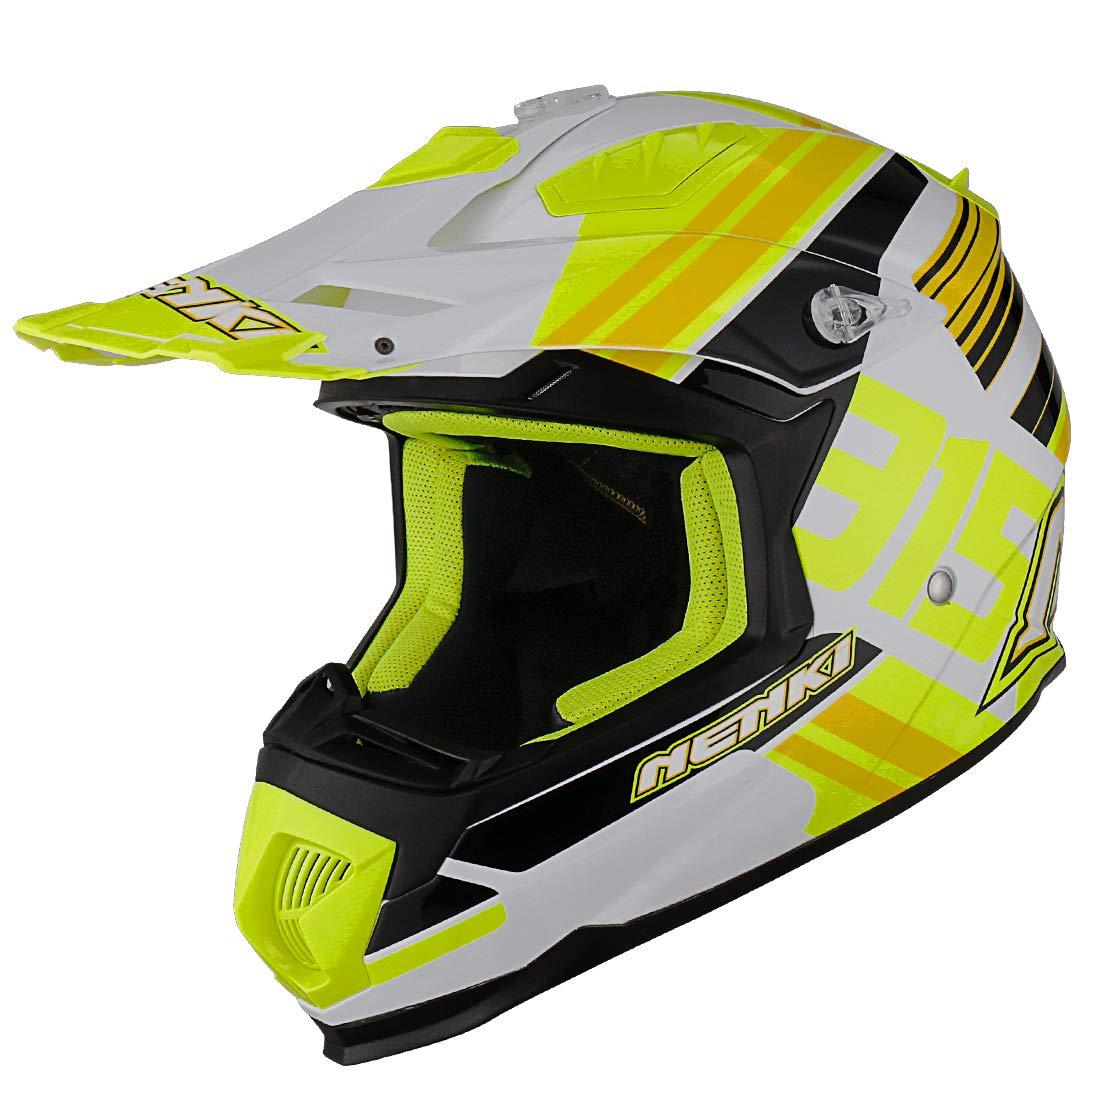 Noir Mat, S NENKI Casque Moto Cross NK-316 pour Hommes et Femmes ECE Approuv/és